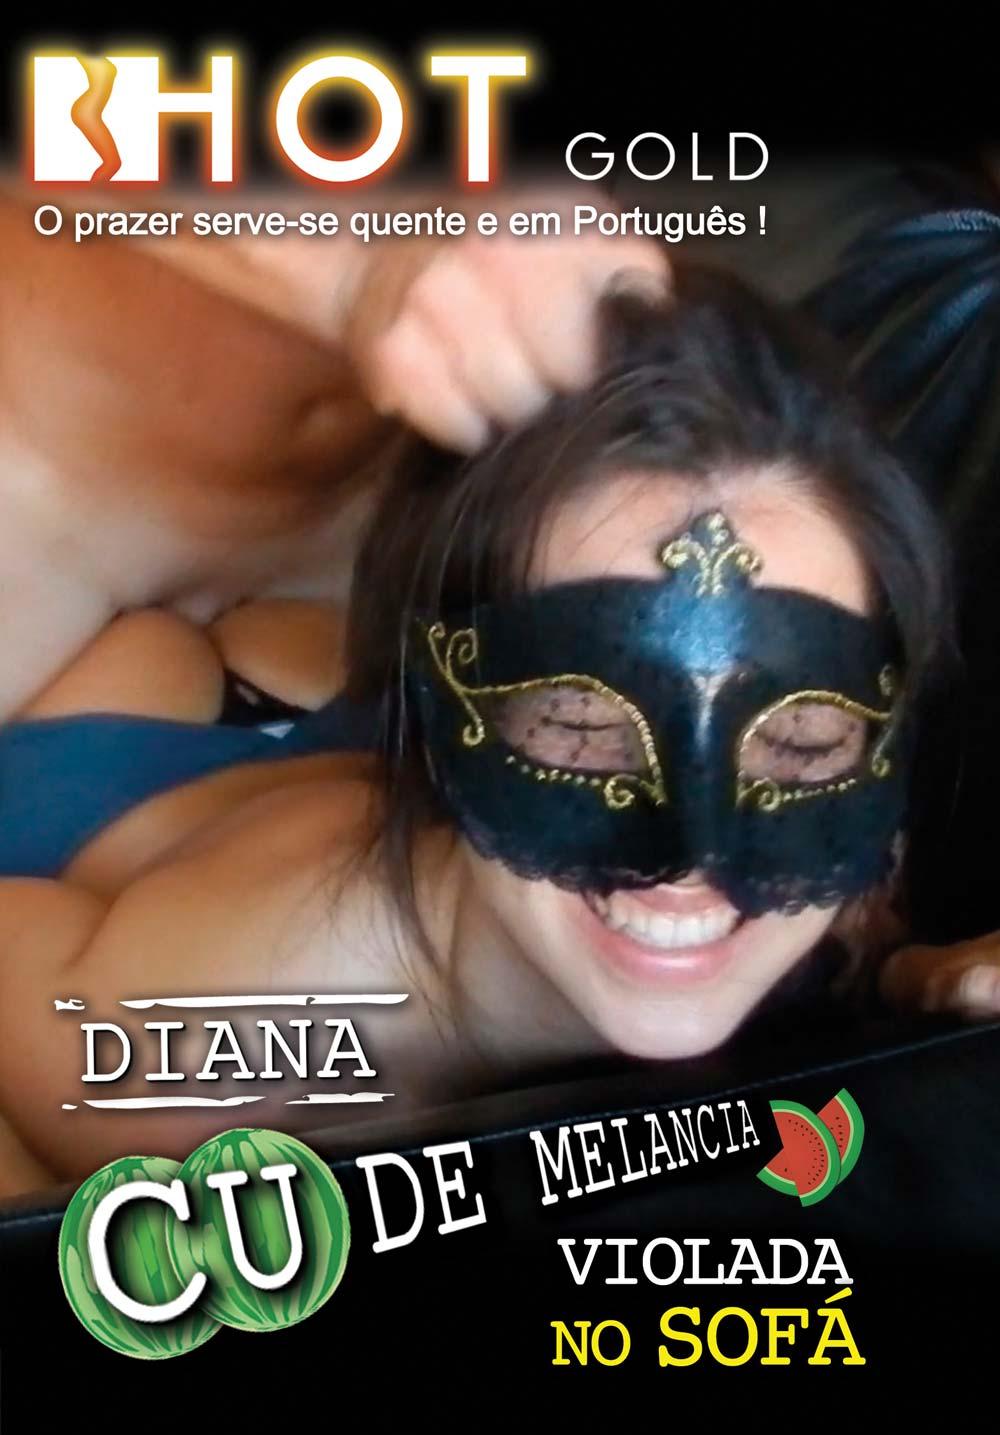 Diana cu de melancia filme completo aluguer